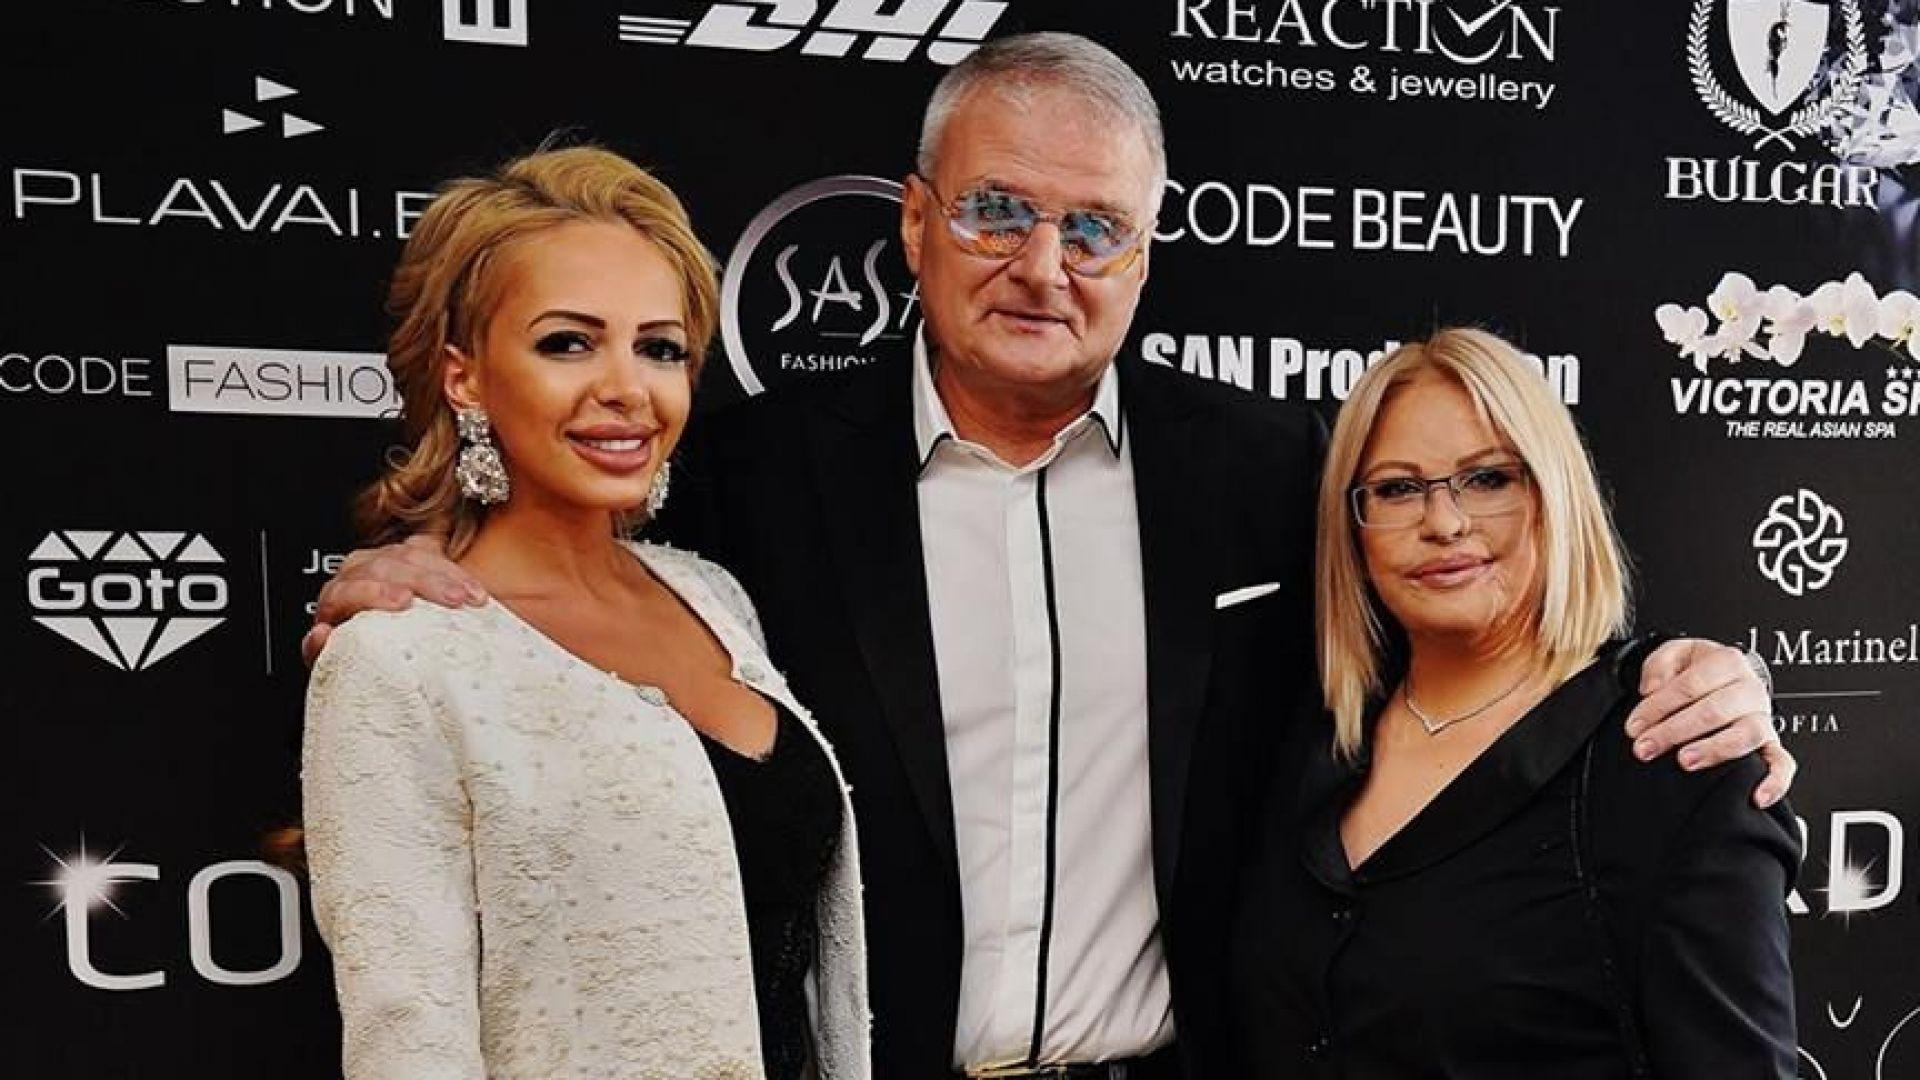 """Христо Сираков се оженил за """"Мис Плеймейт"""" във Валенсия"""